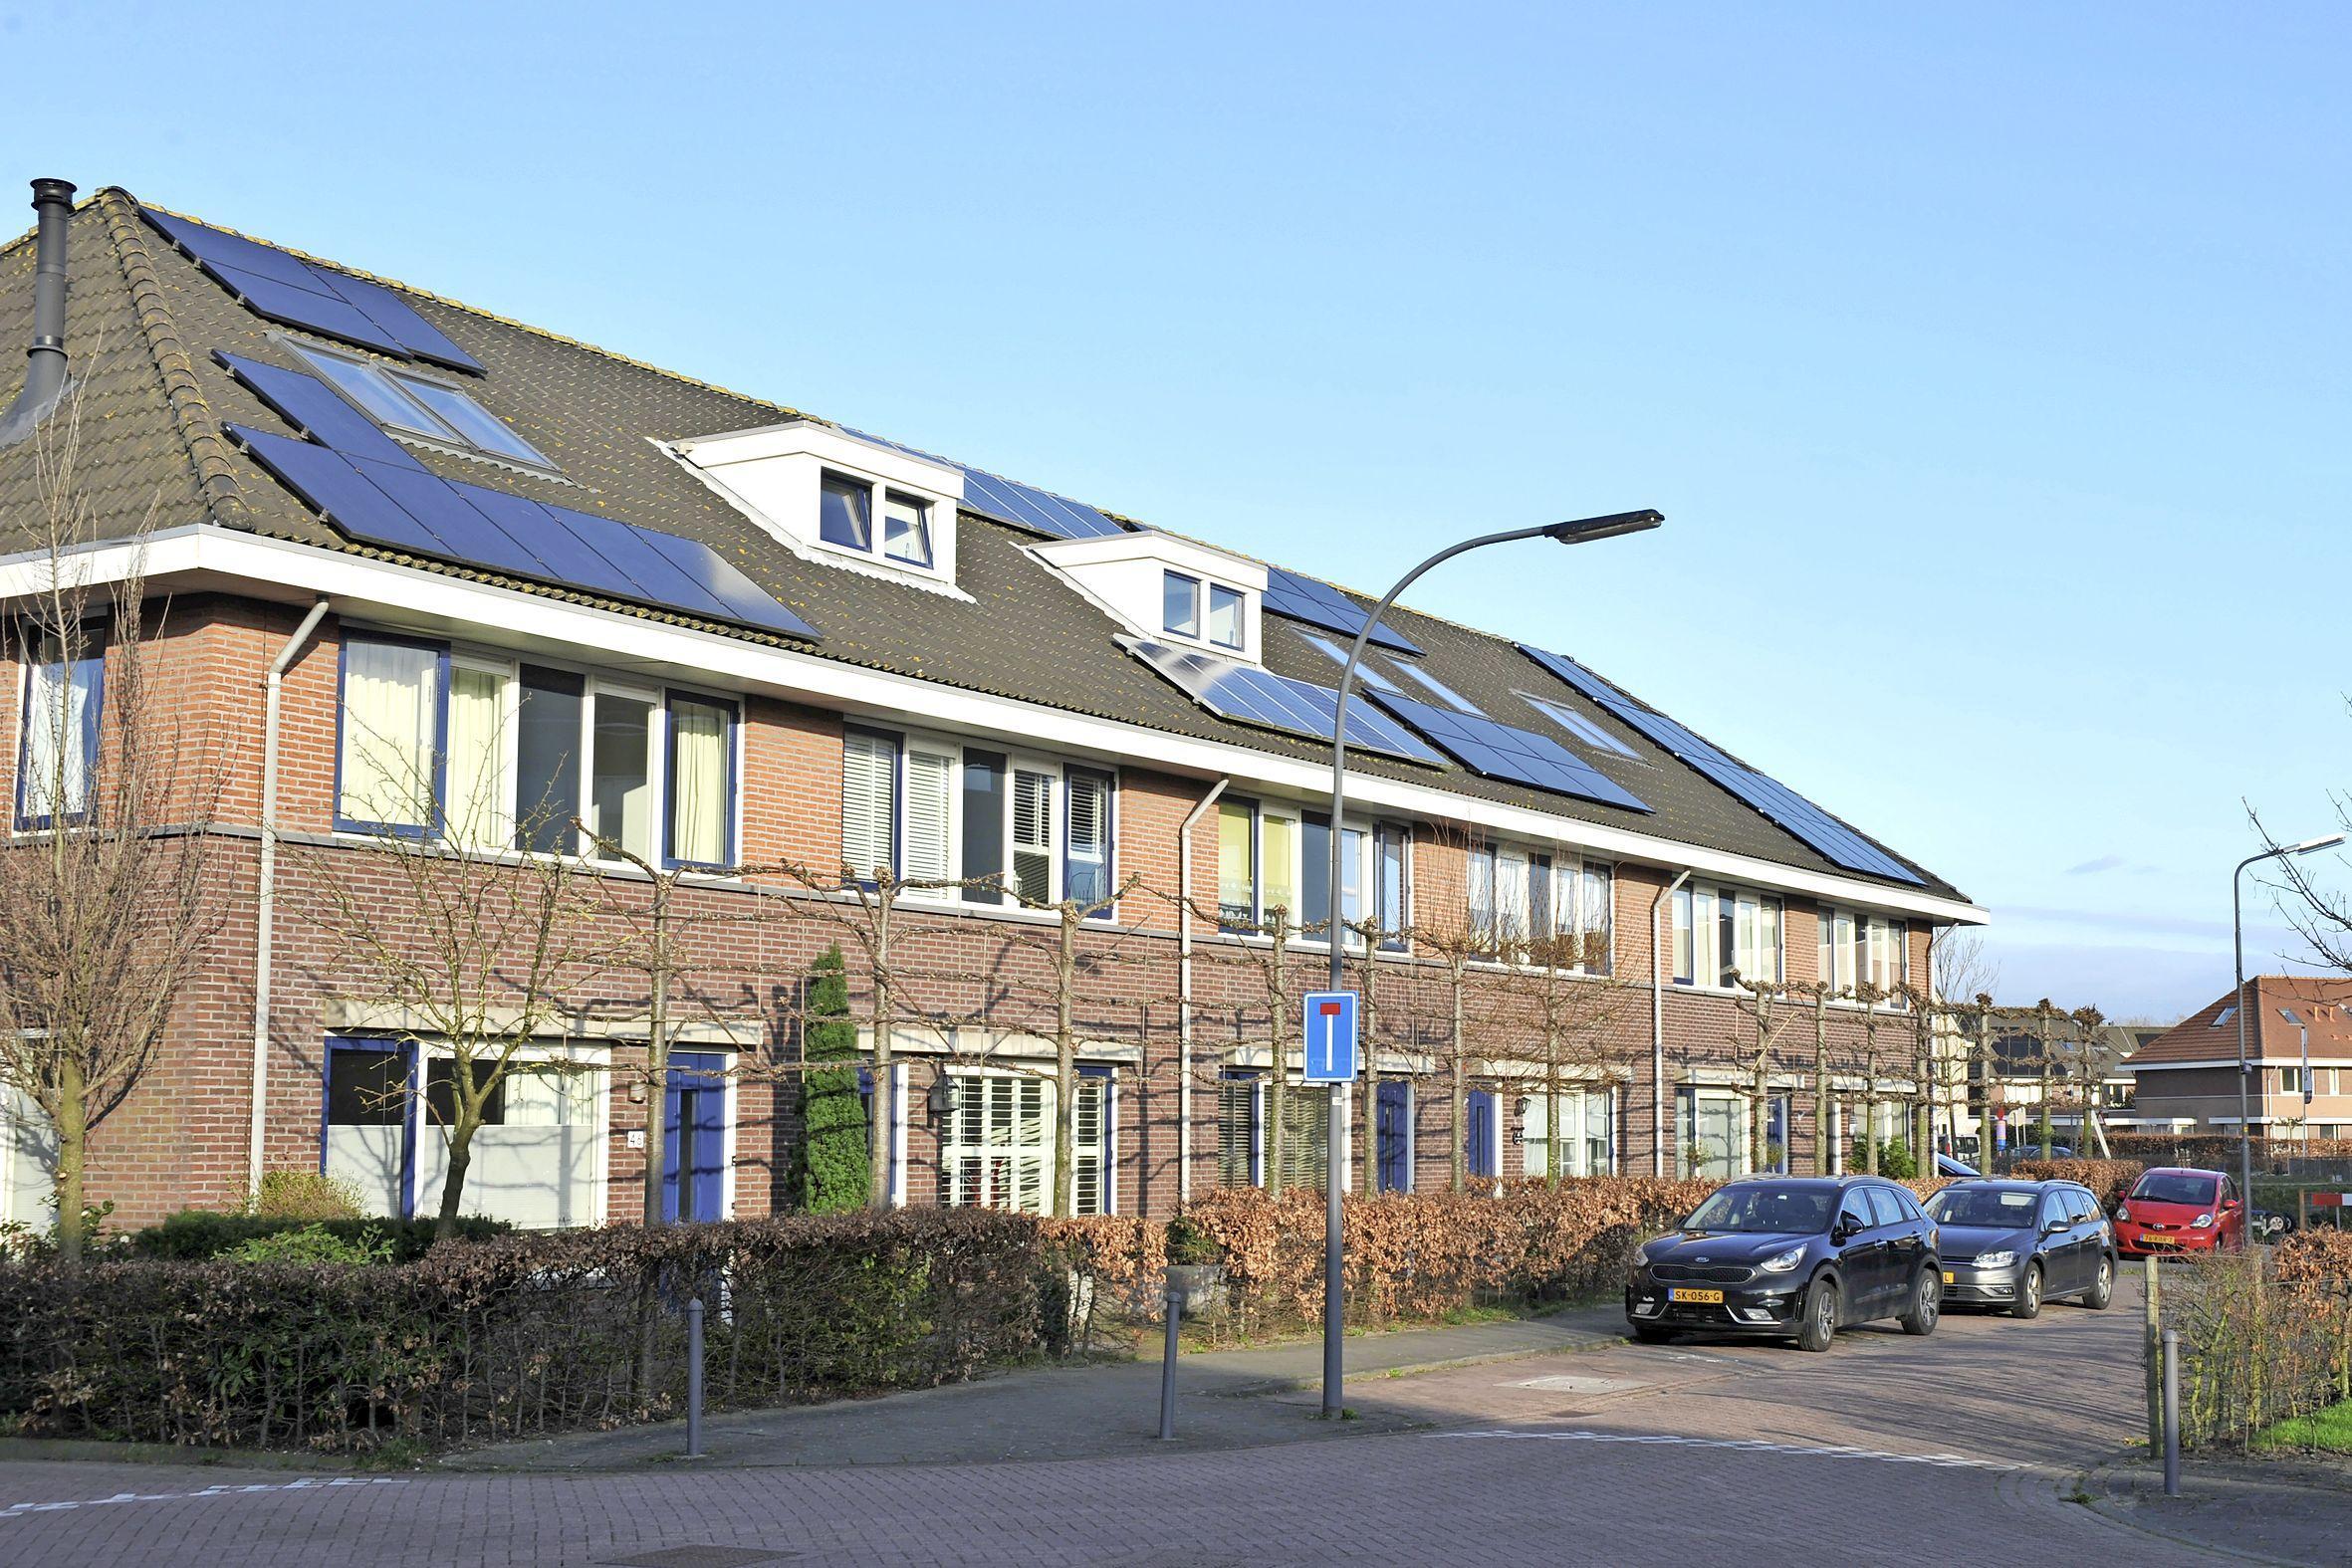 Uitgeest stoot 86.000 kilo minder CO2 uit dankzij actie voor zonnepanelen; Odijmond, DUEC en gemeente slaan handen ineen